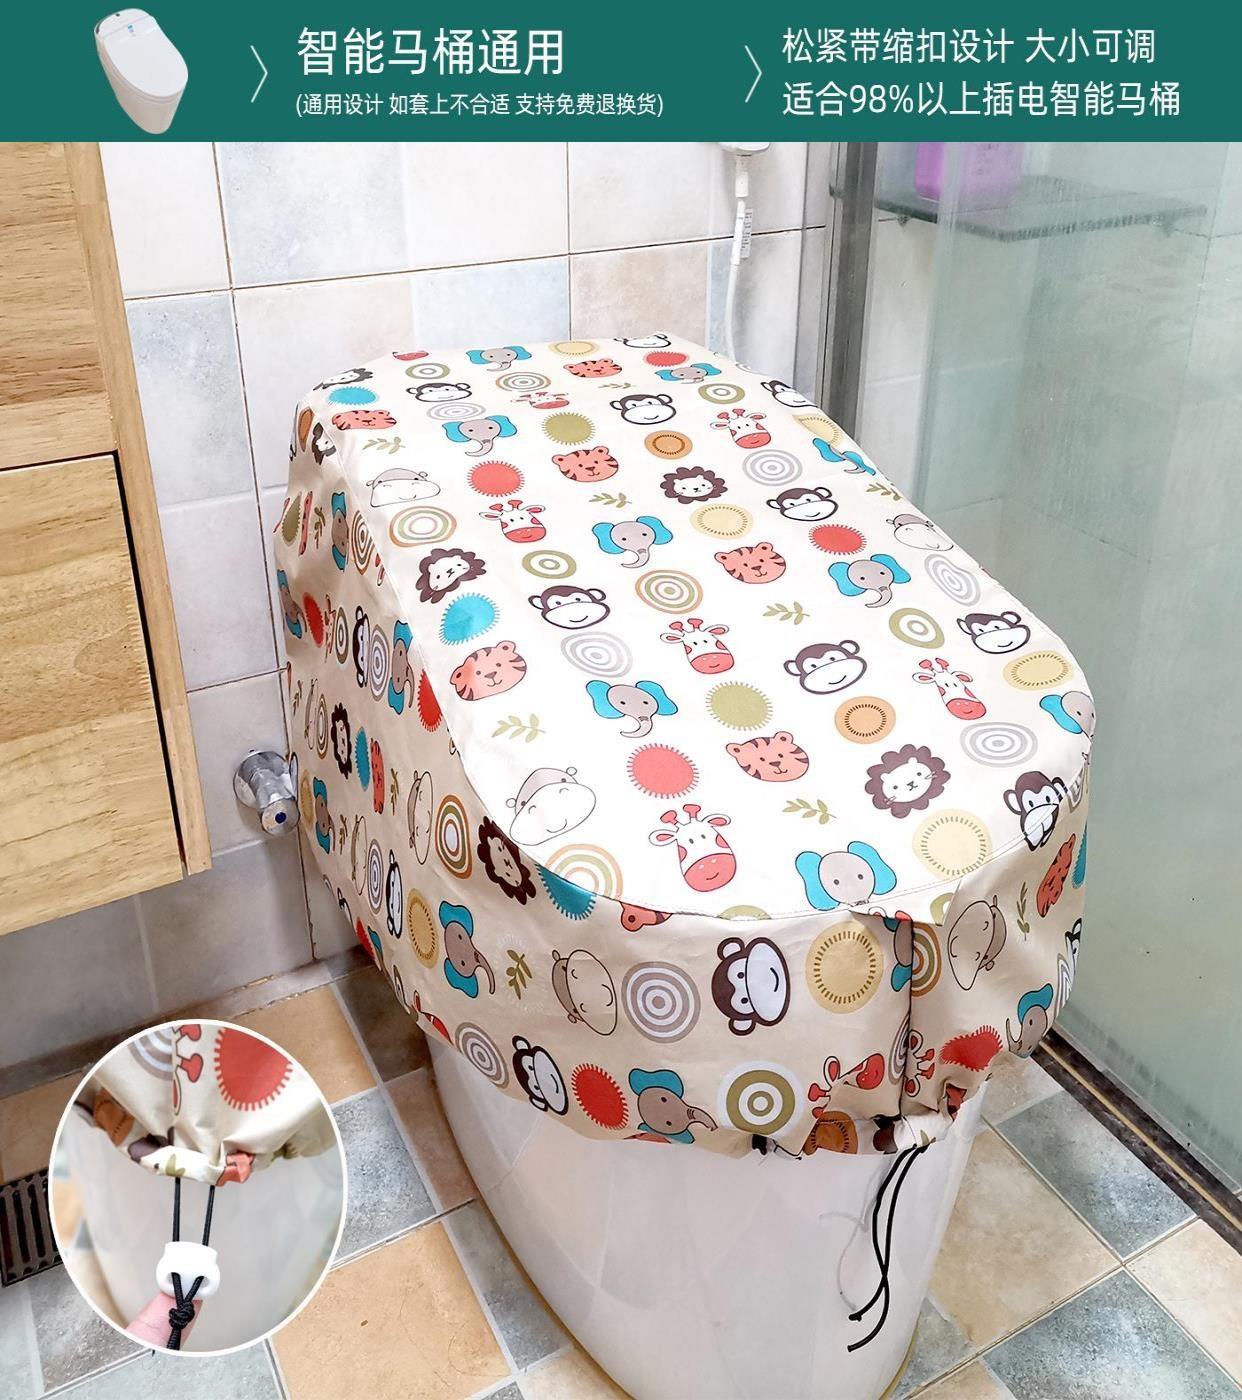 便器便器の防水カバー防塵知能全淋便器カバー伸縮式シャワーカバー防水バッグトイレ